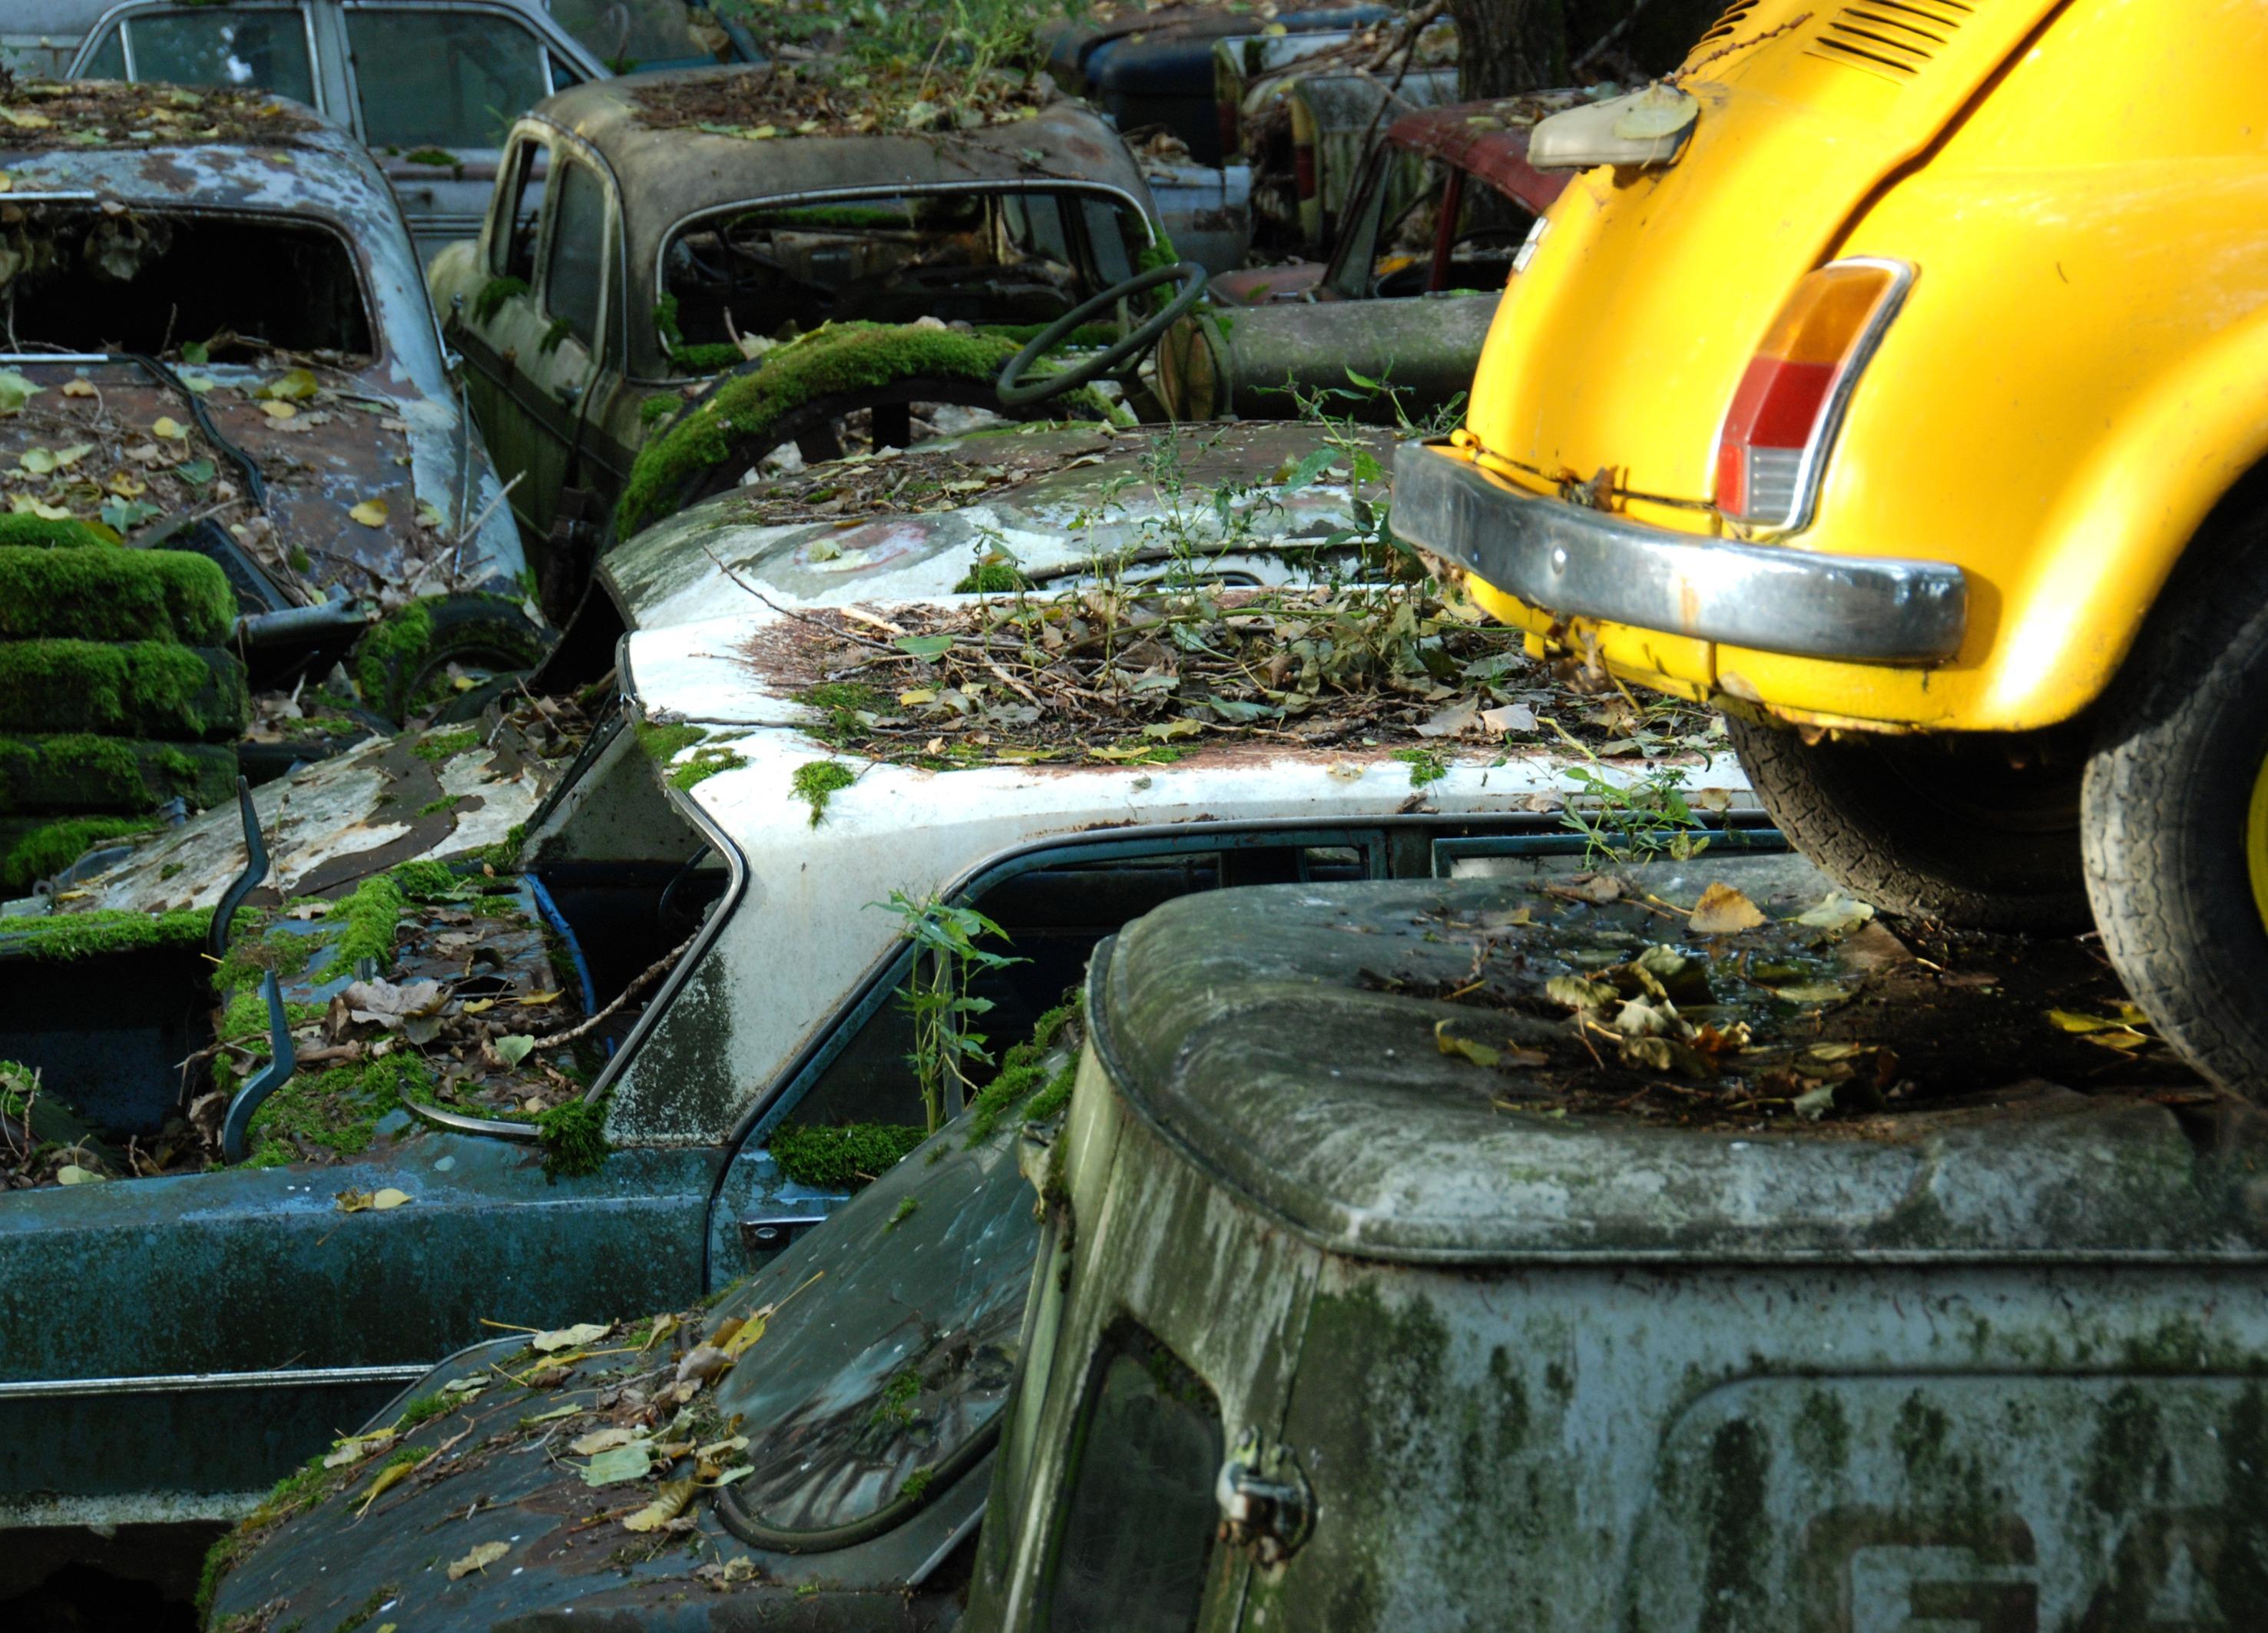 Fotoğraf Araba Araç Atılan Açık Karanlık Araba Mezarlığı Renk